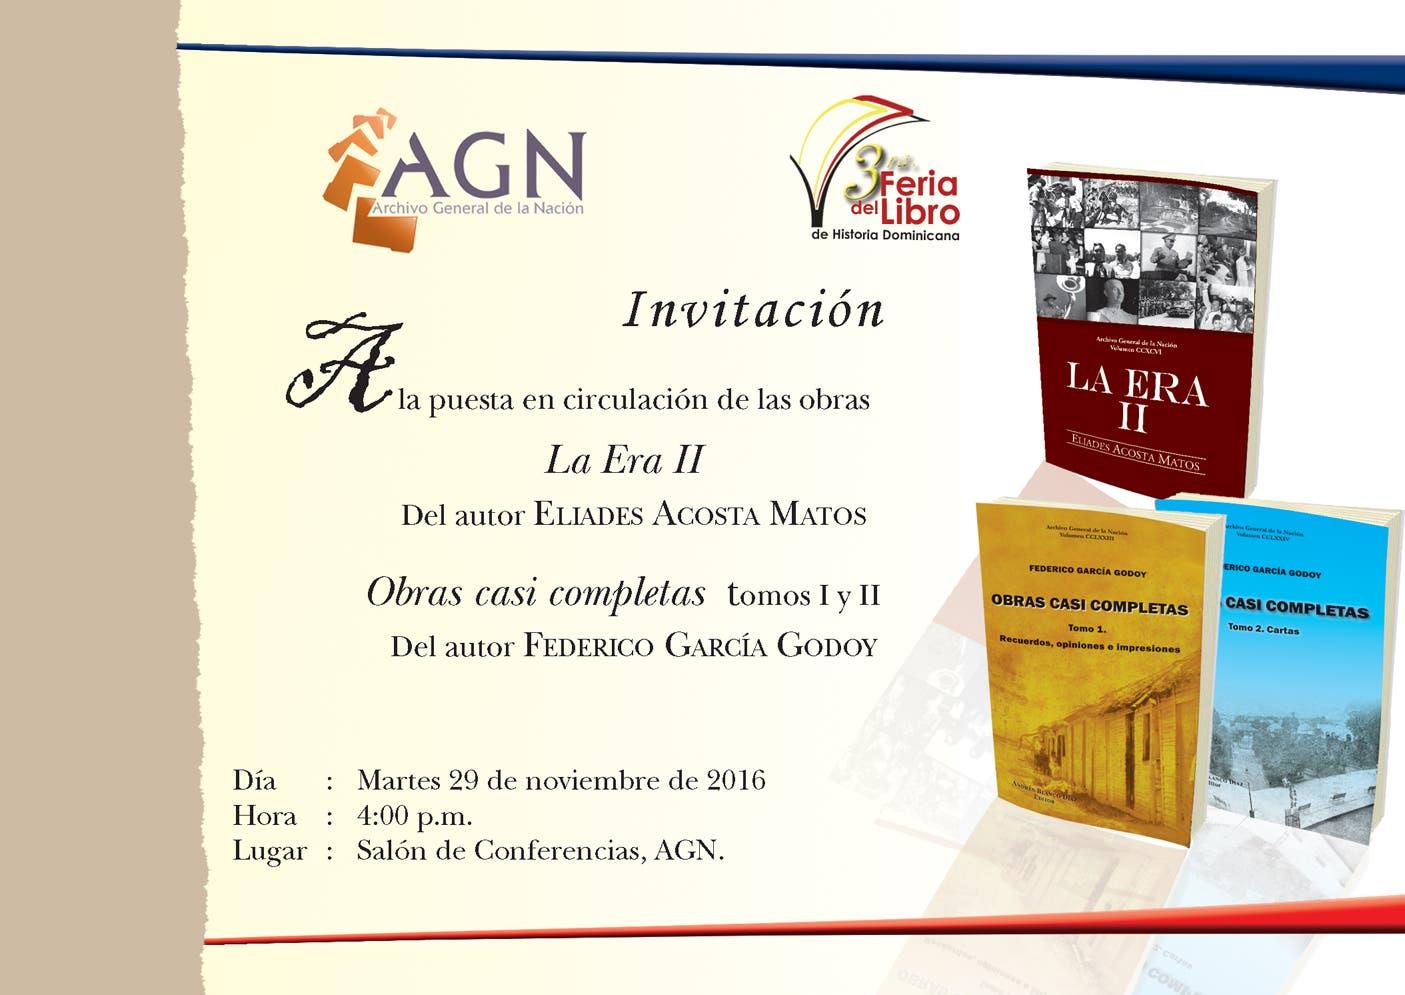 Archivo General de la Nación presenta hoy nuevos libros